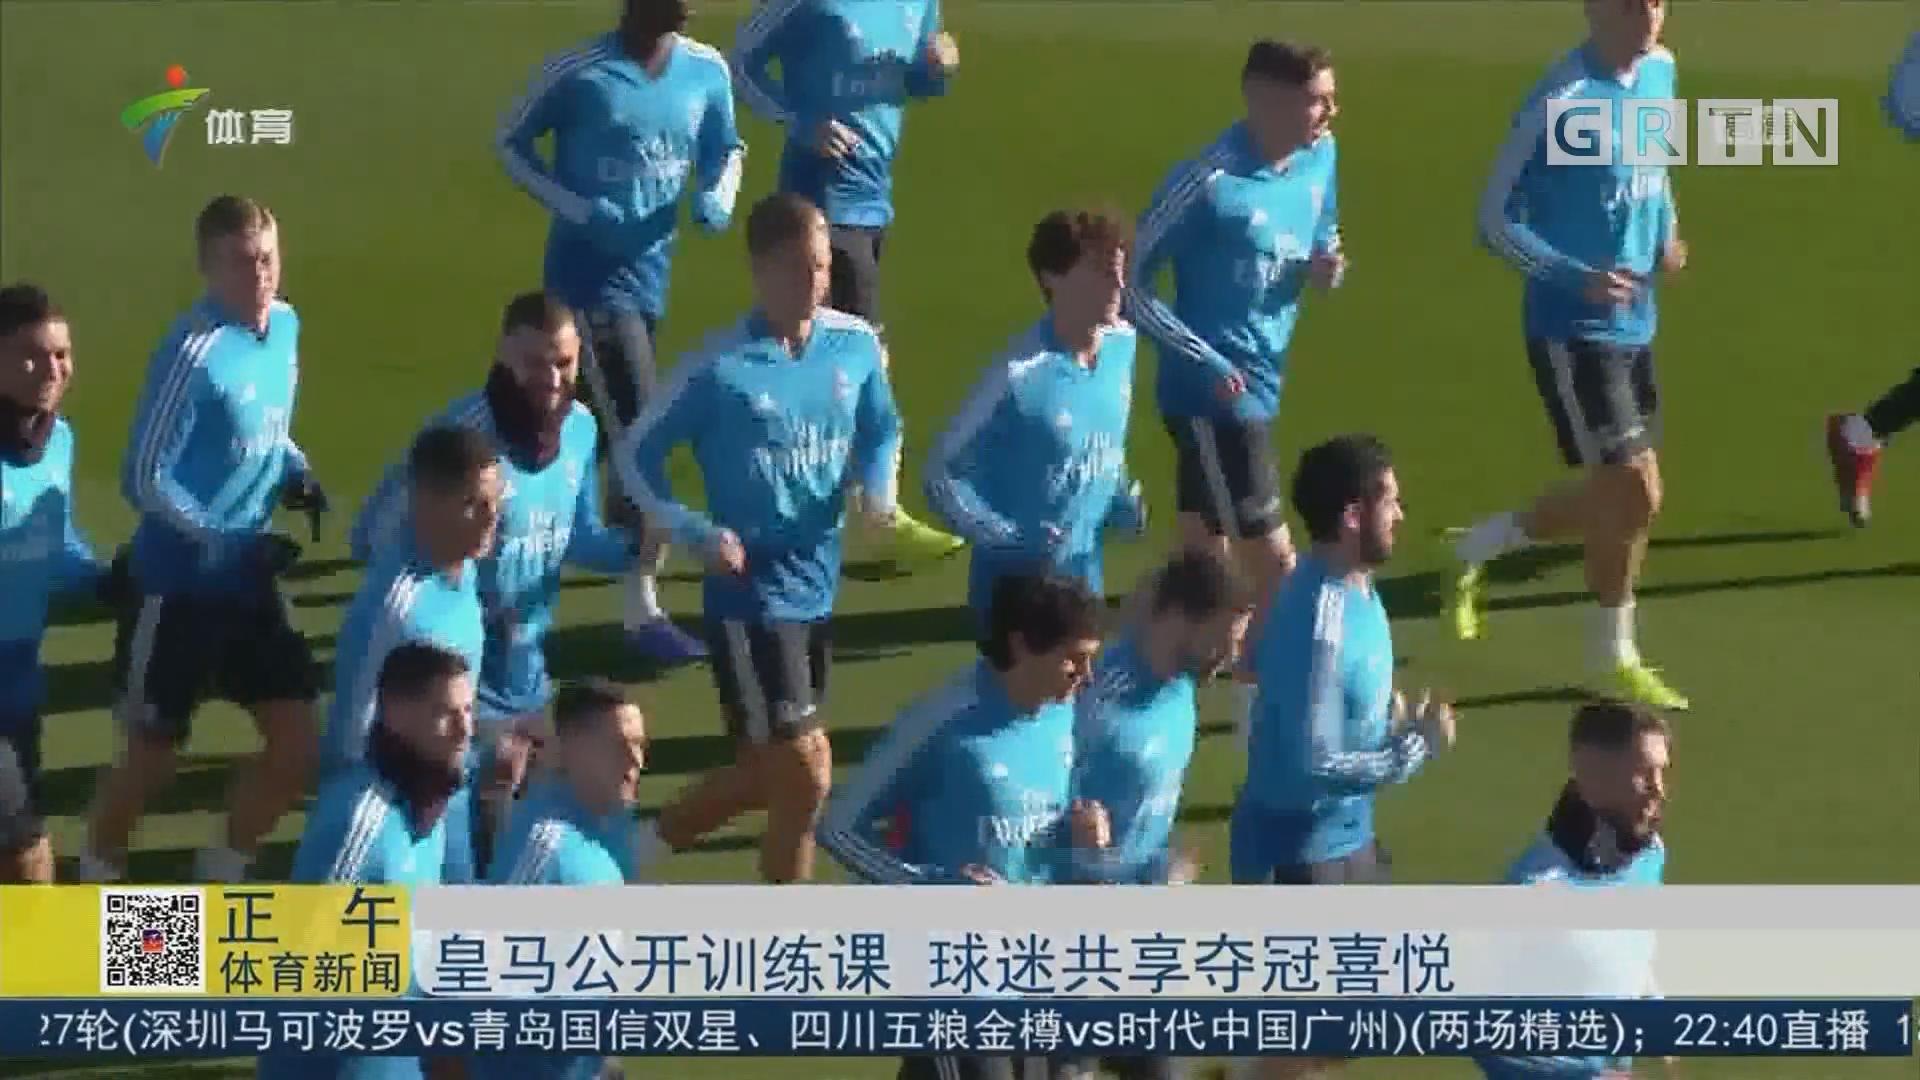 皇马公开训练课 球迷共享夺冠喜悦